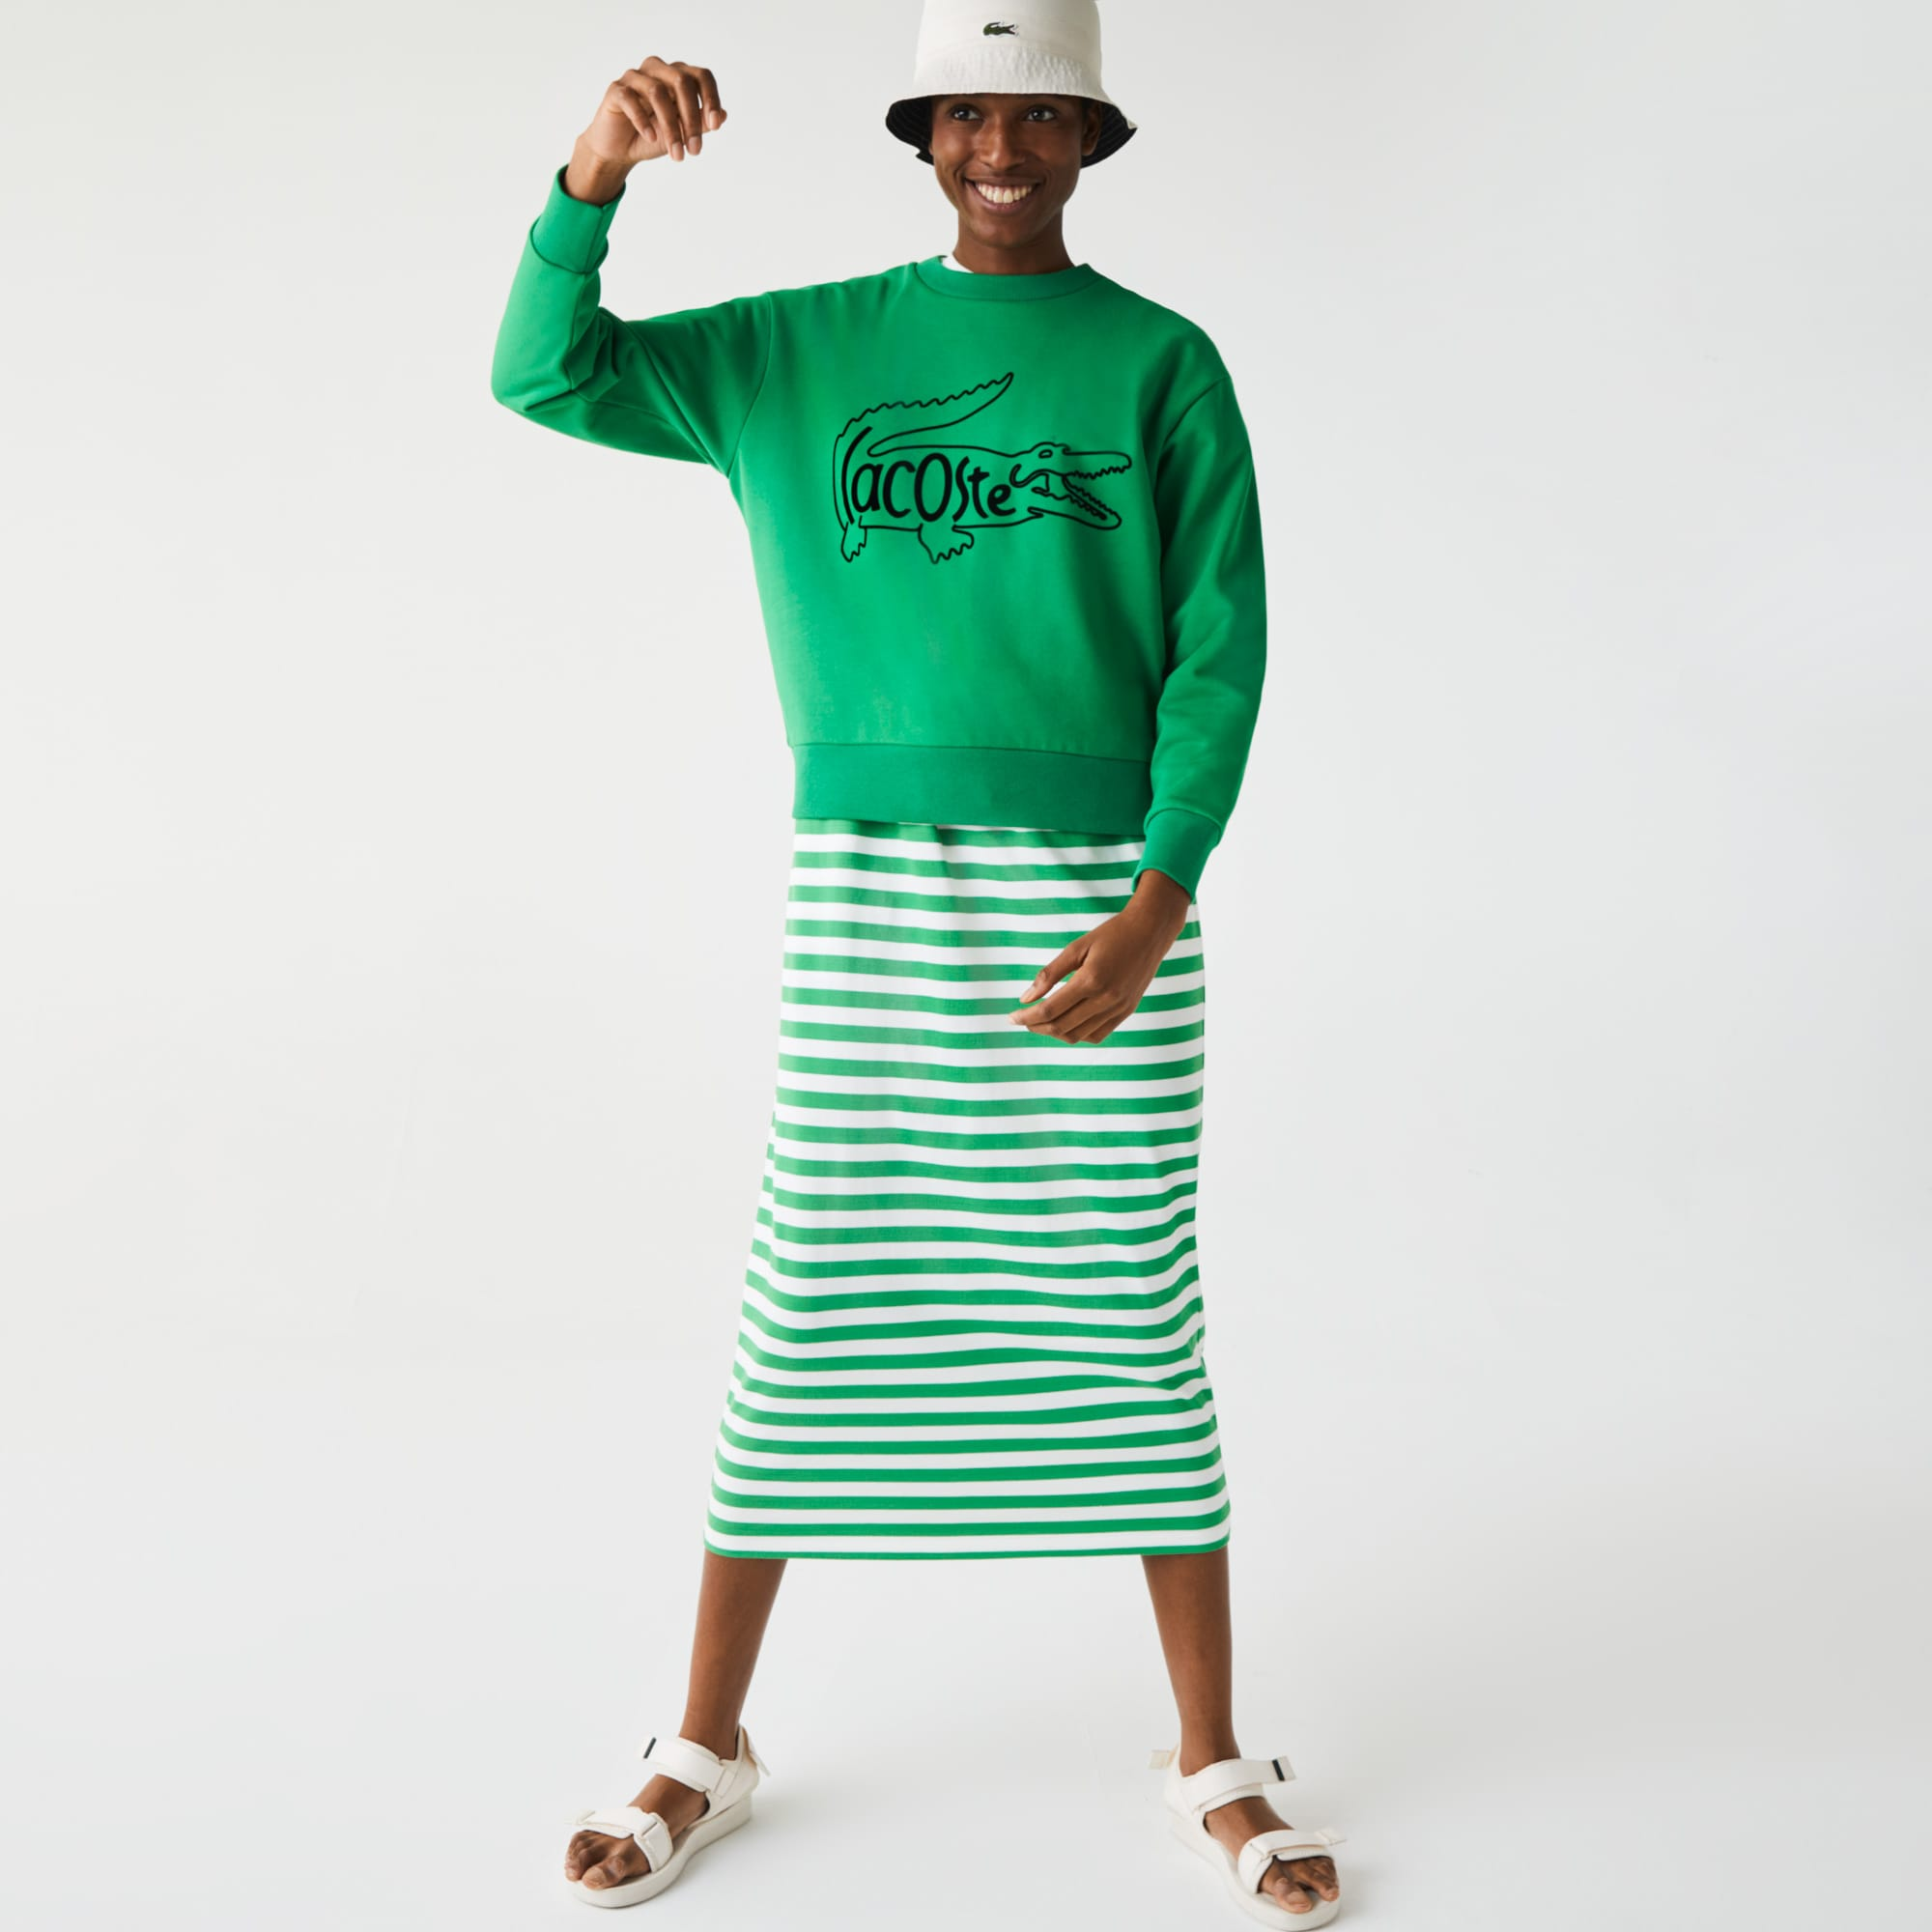 라코스테 Lacoste Women's Crew Neck Crocodile Print Sweatshirt